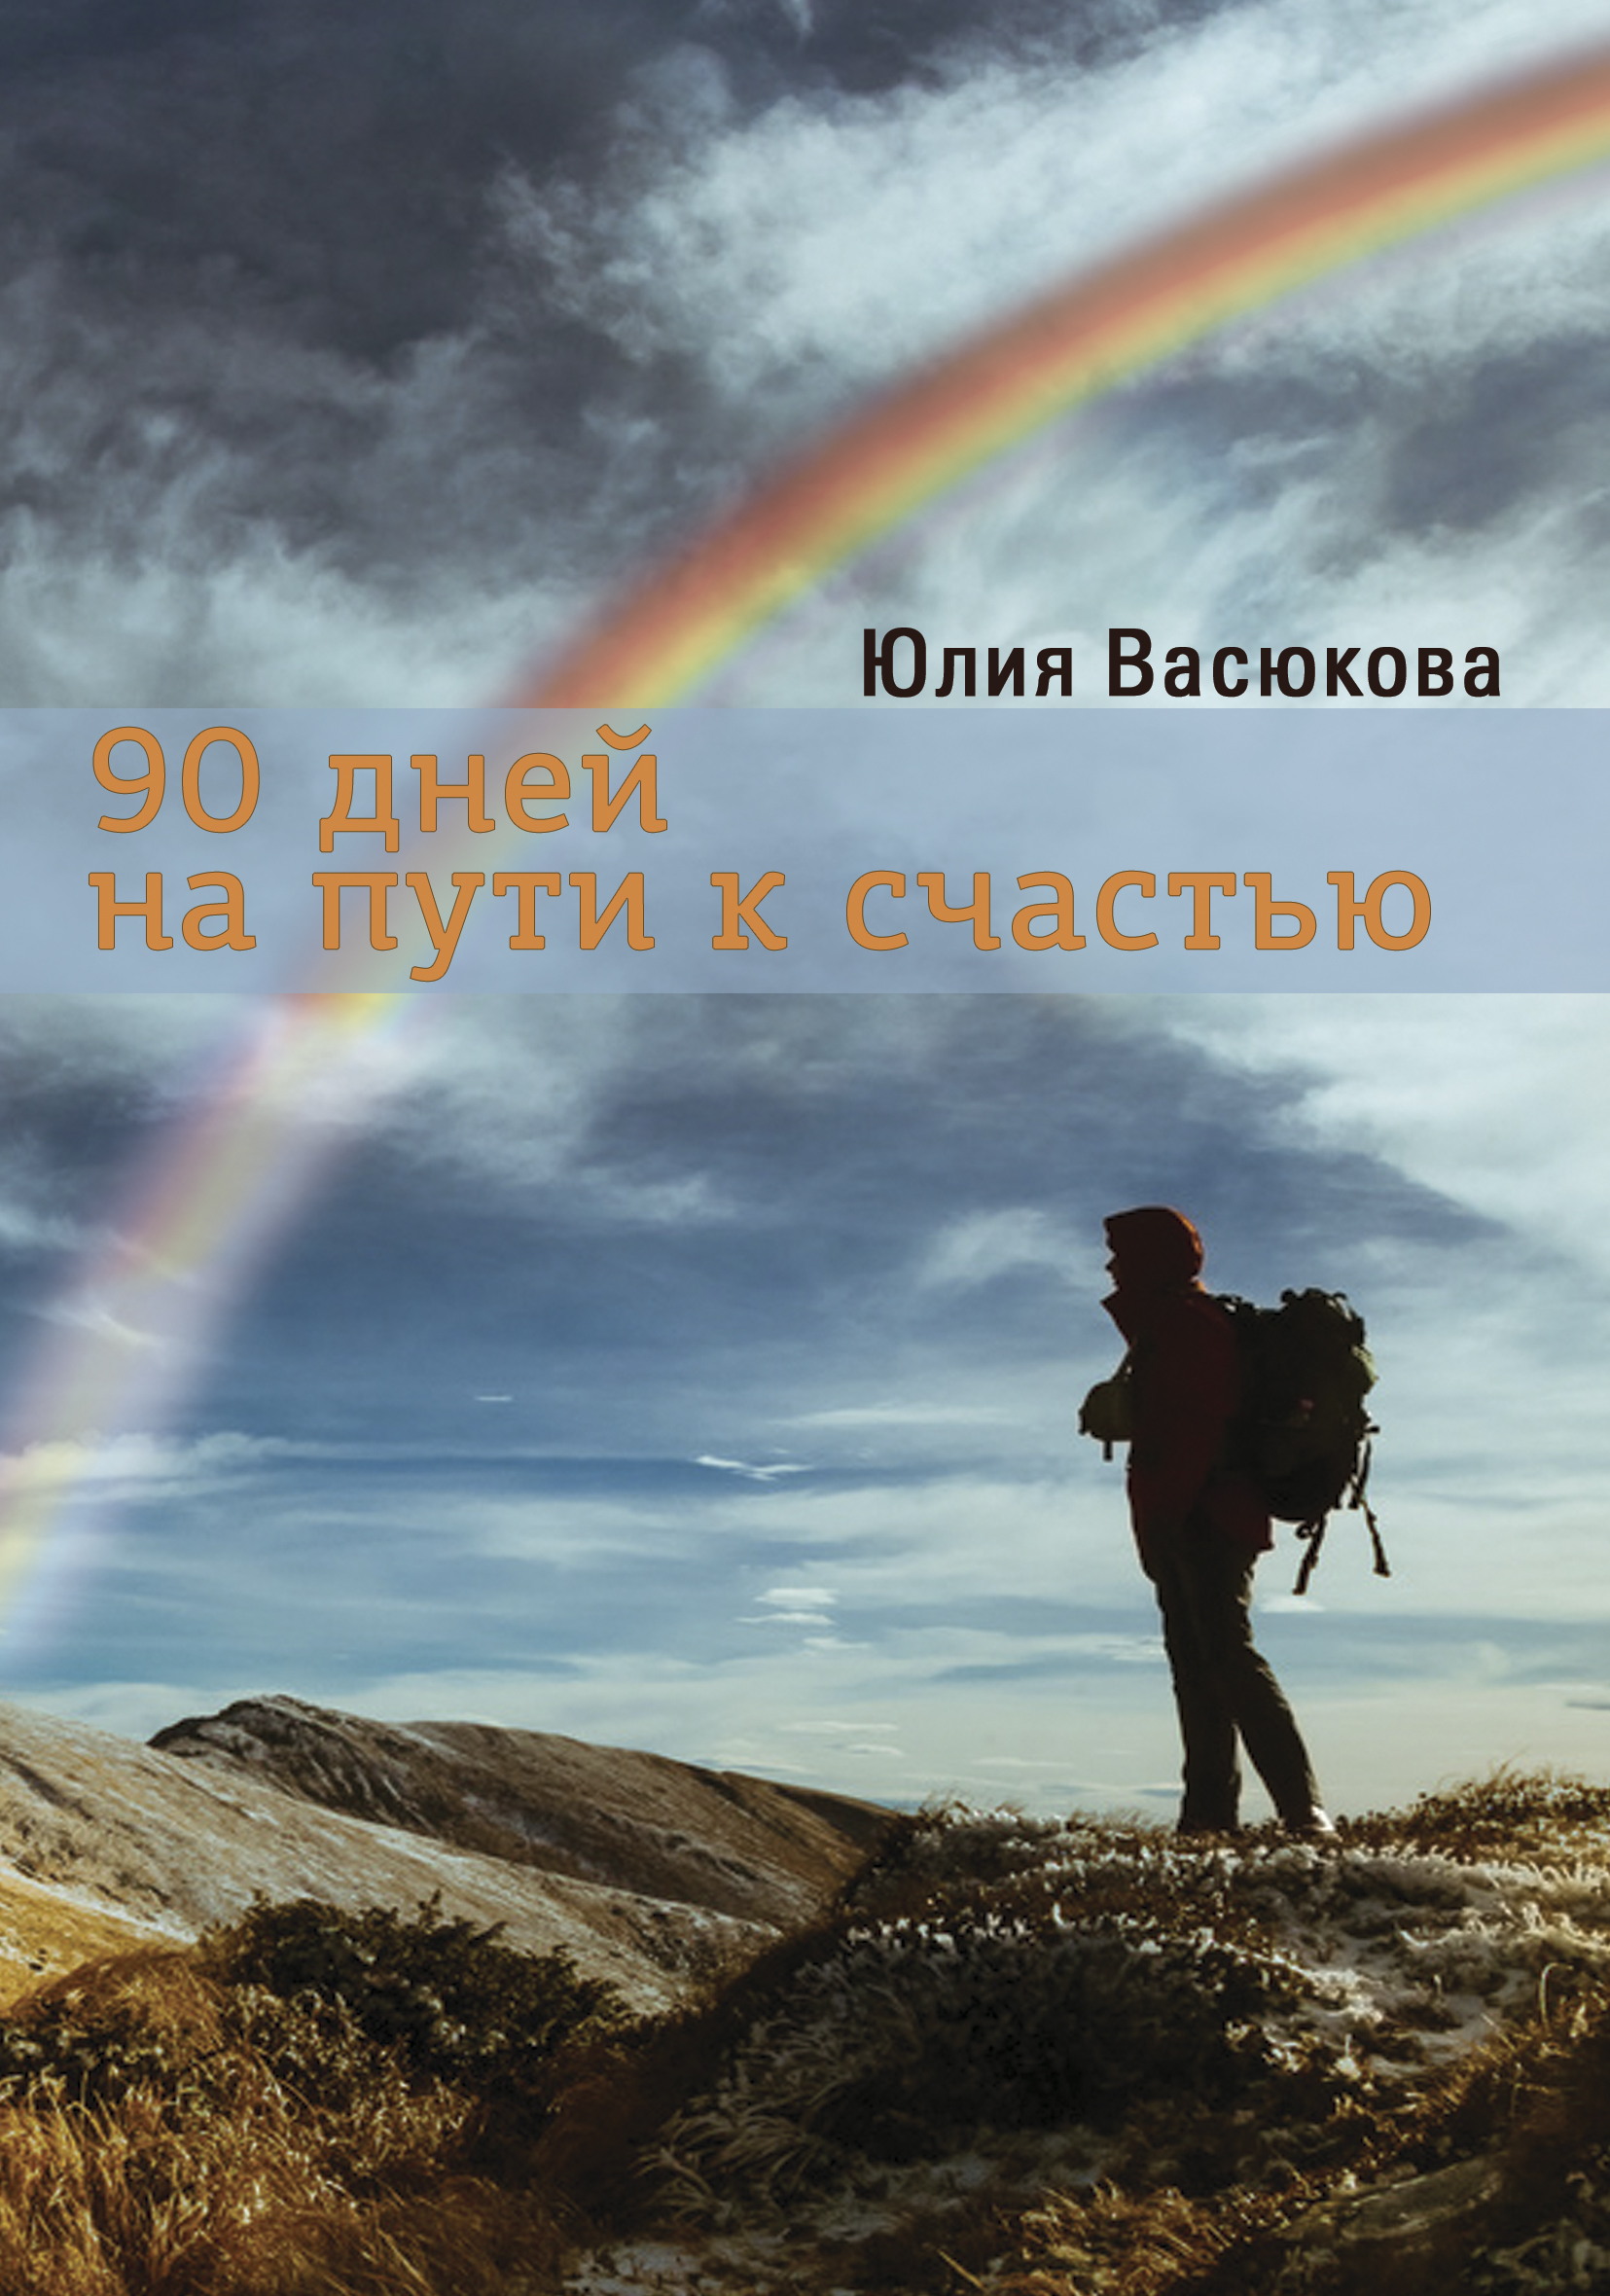 90дней на пути к счастью